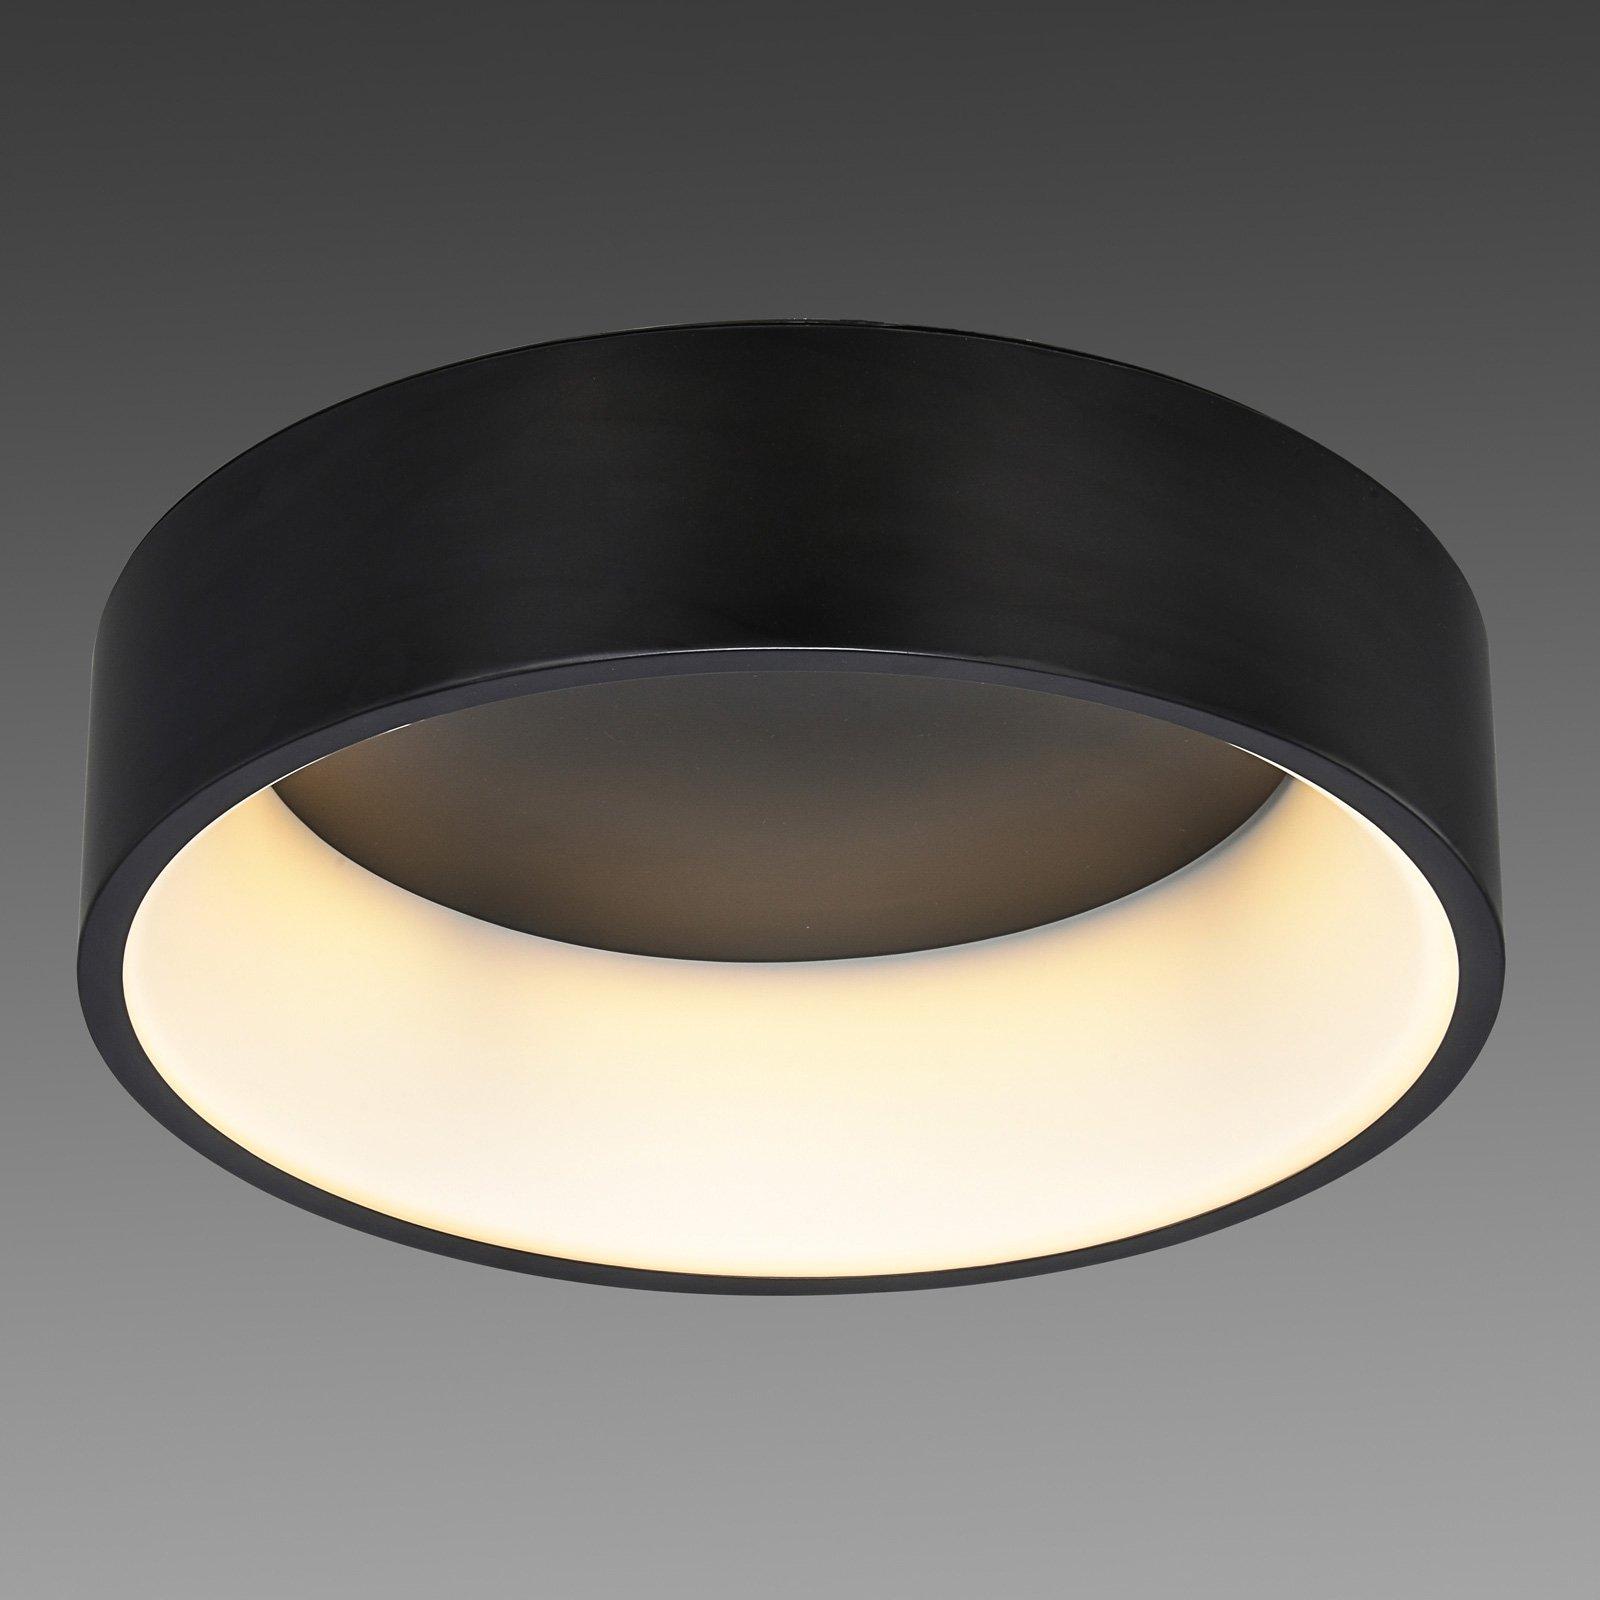 LED-taklampe Ren Ø 60 cm svart